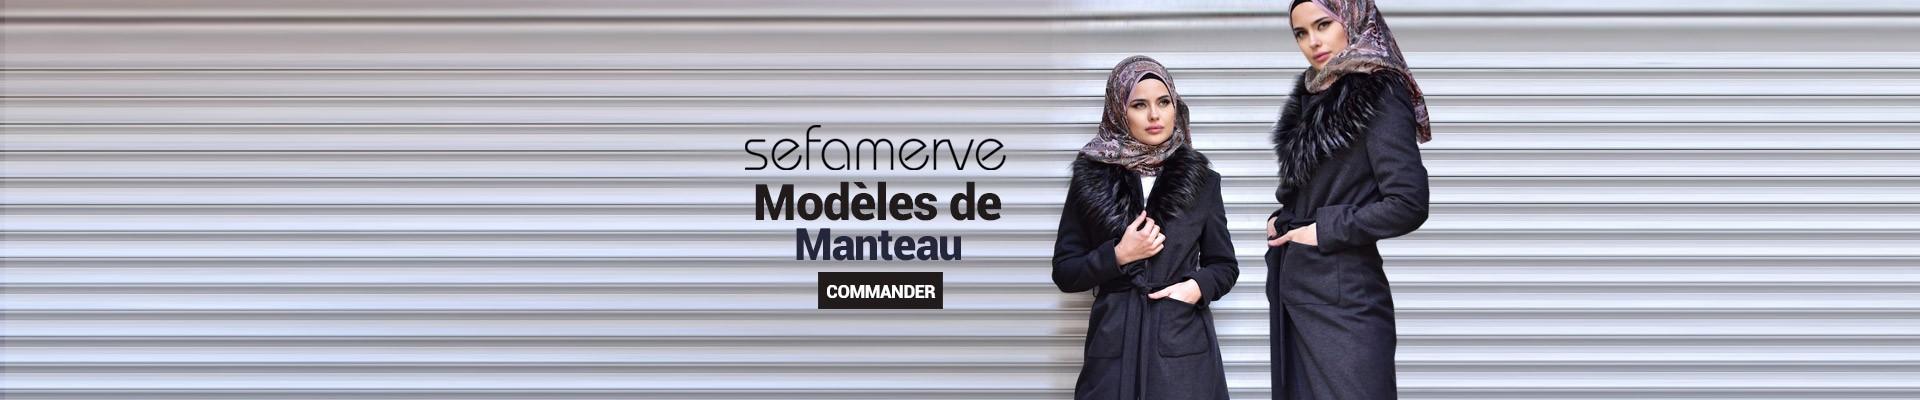 Modèles de Manteau